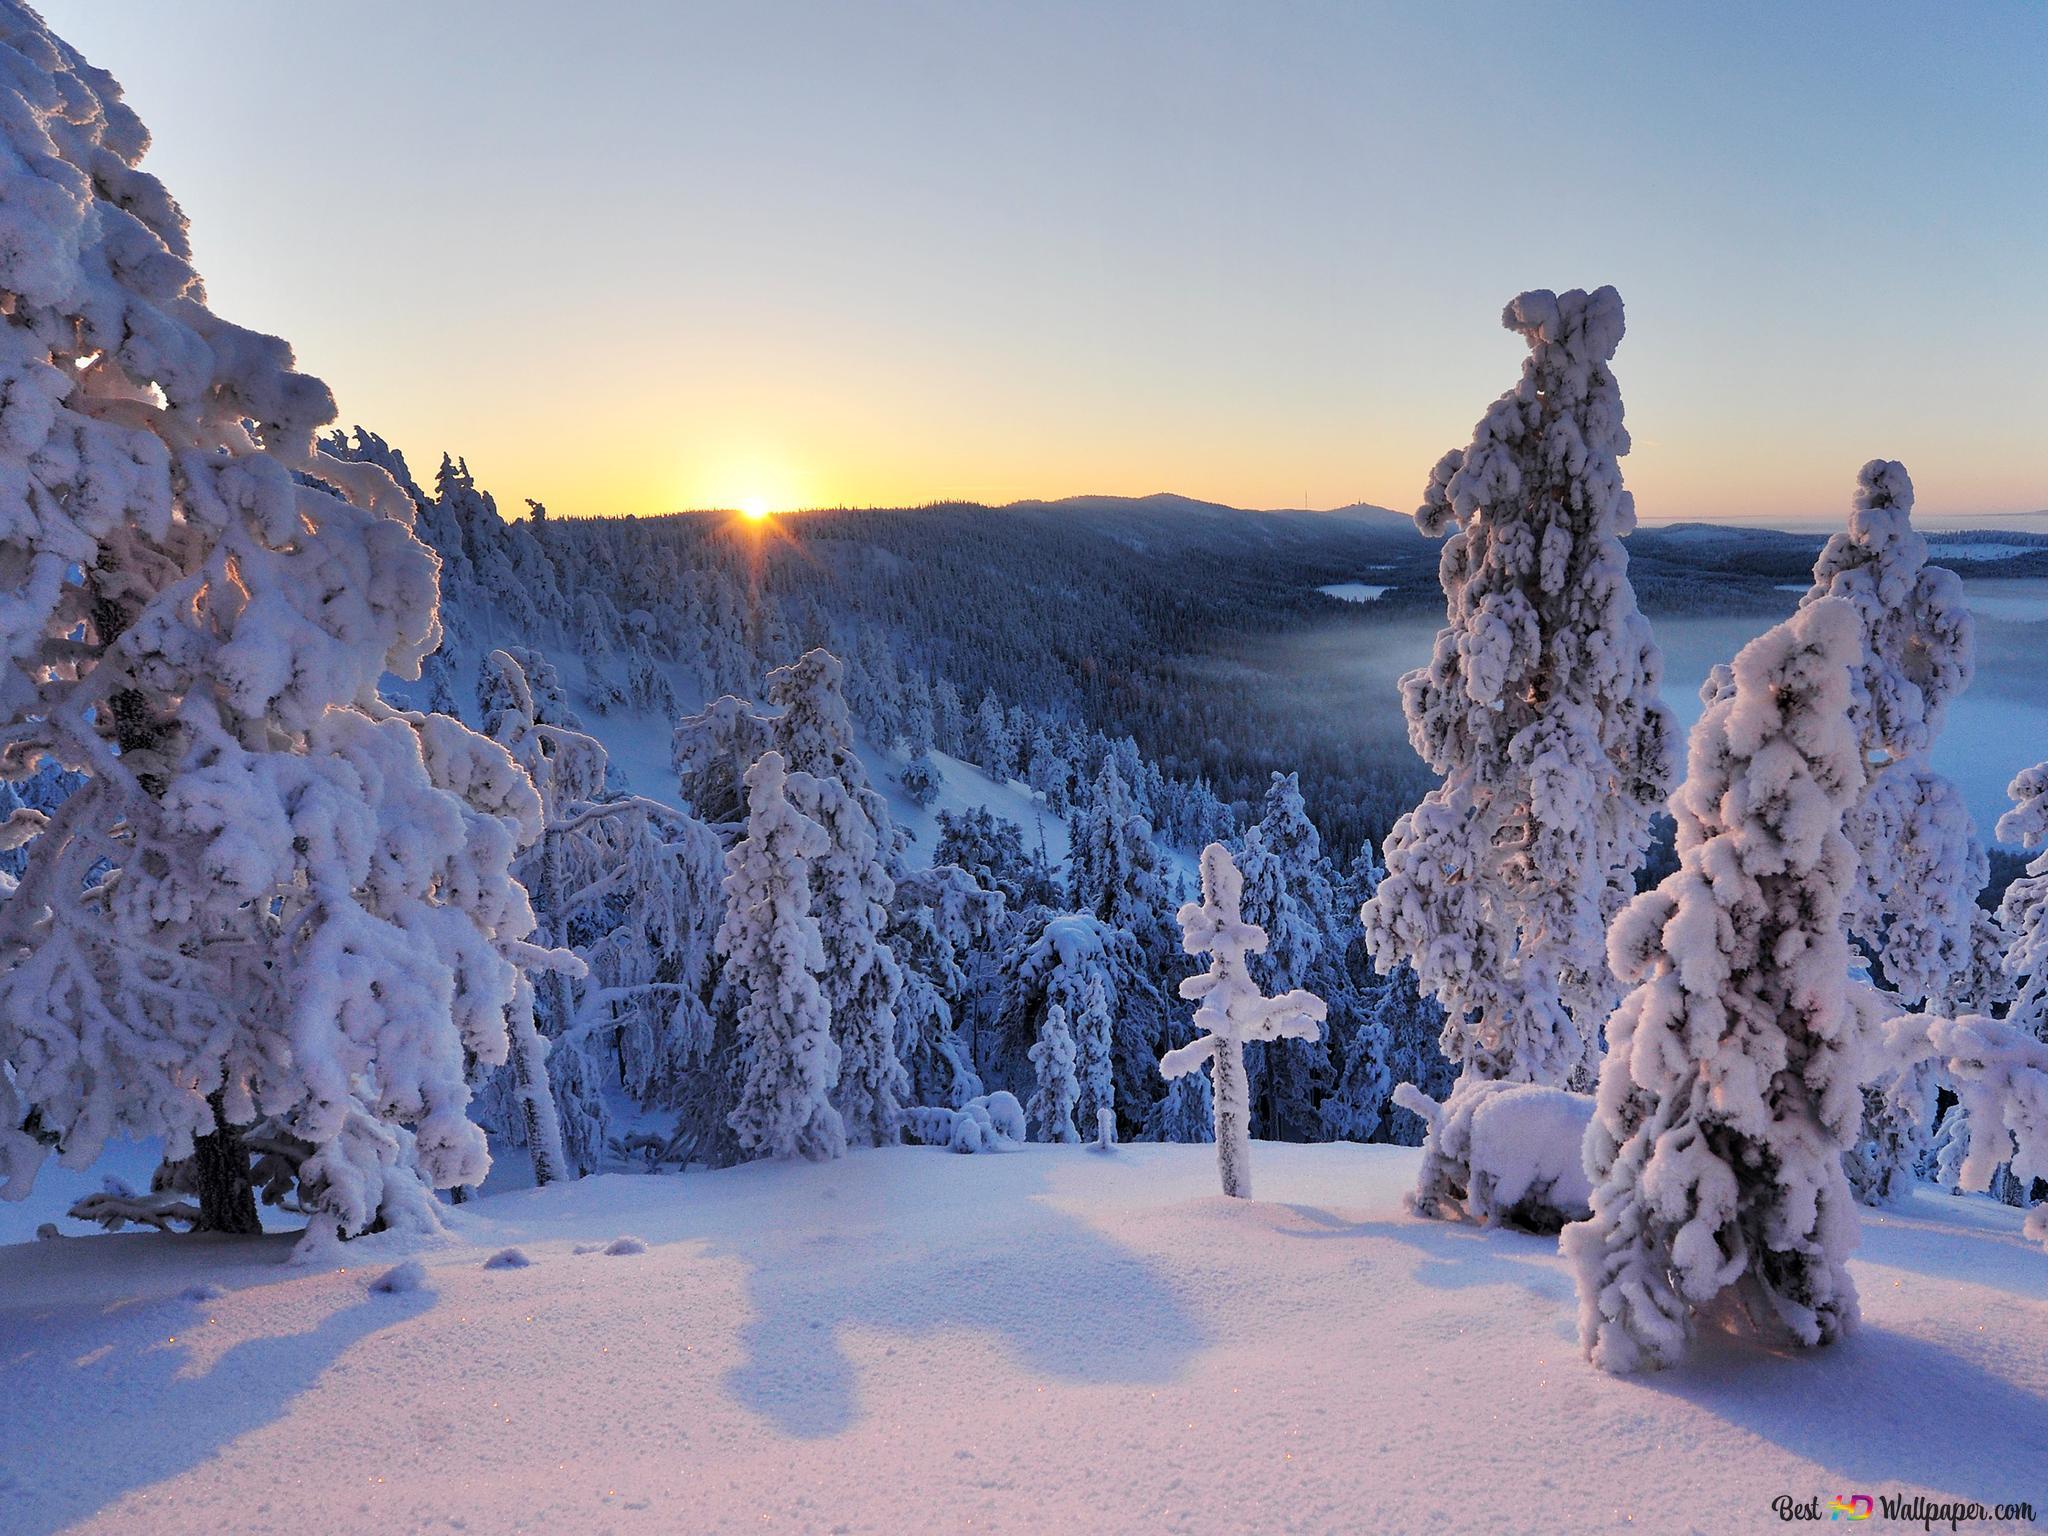 冬の夕日の森 Hd壁紙のダウンロード